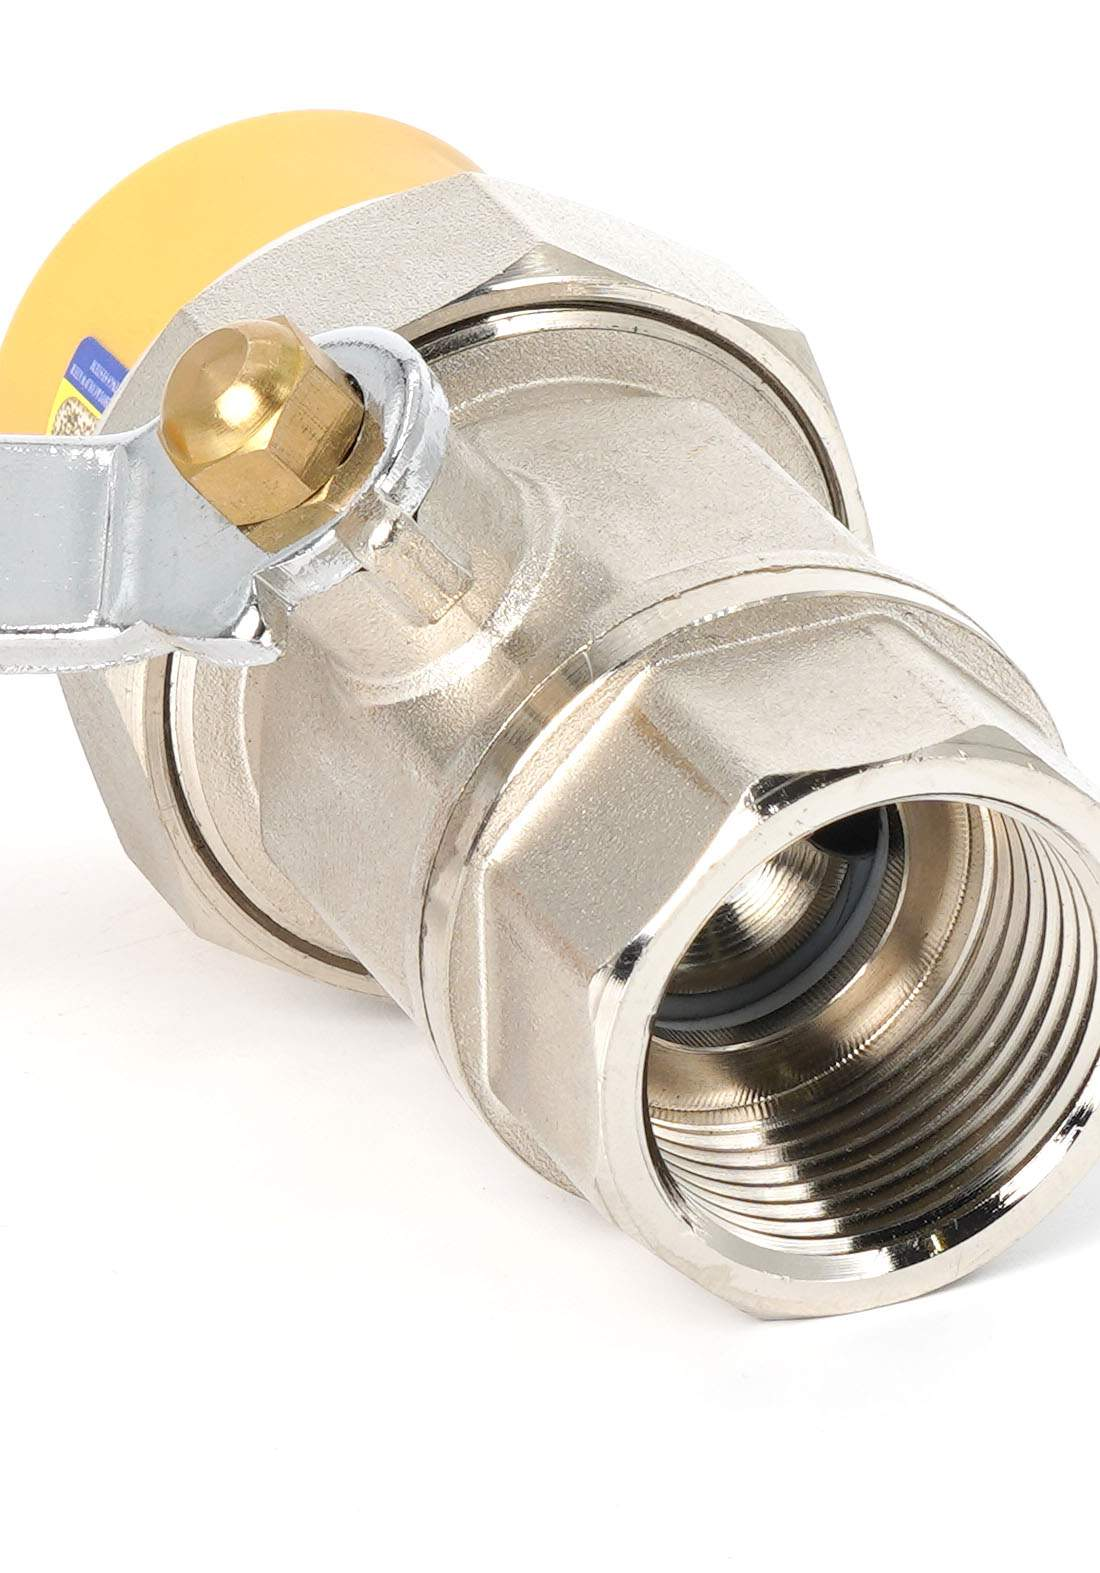 Wekts 5125 The double ion lock has an external tooth 25 mm قفل مزدوج سن خارجي لأنابيب المياه